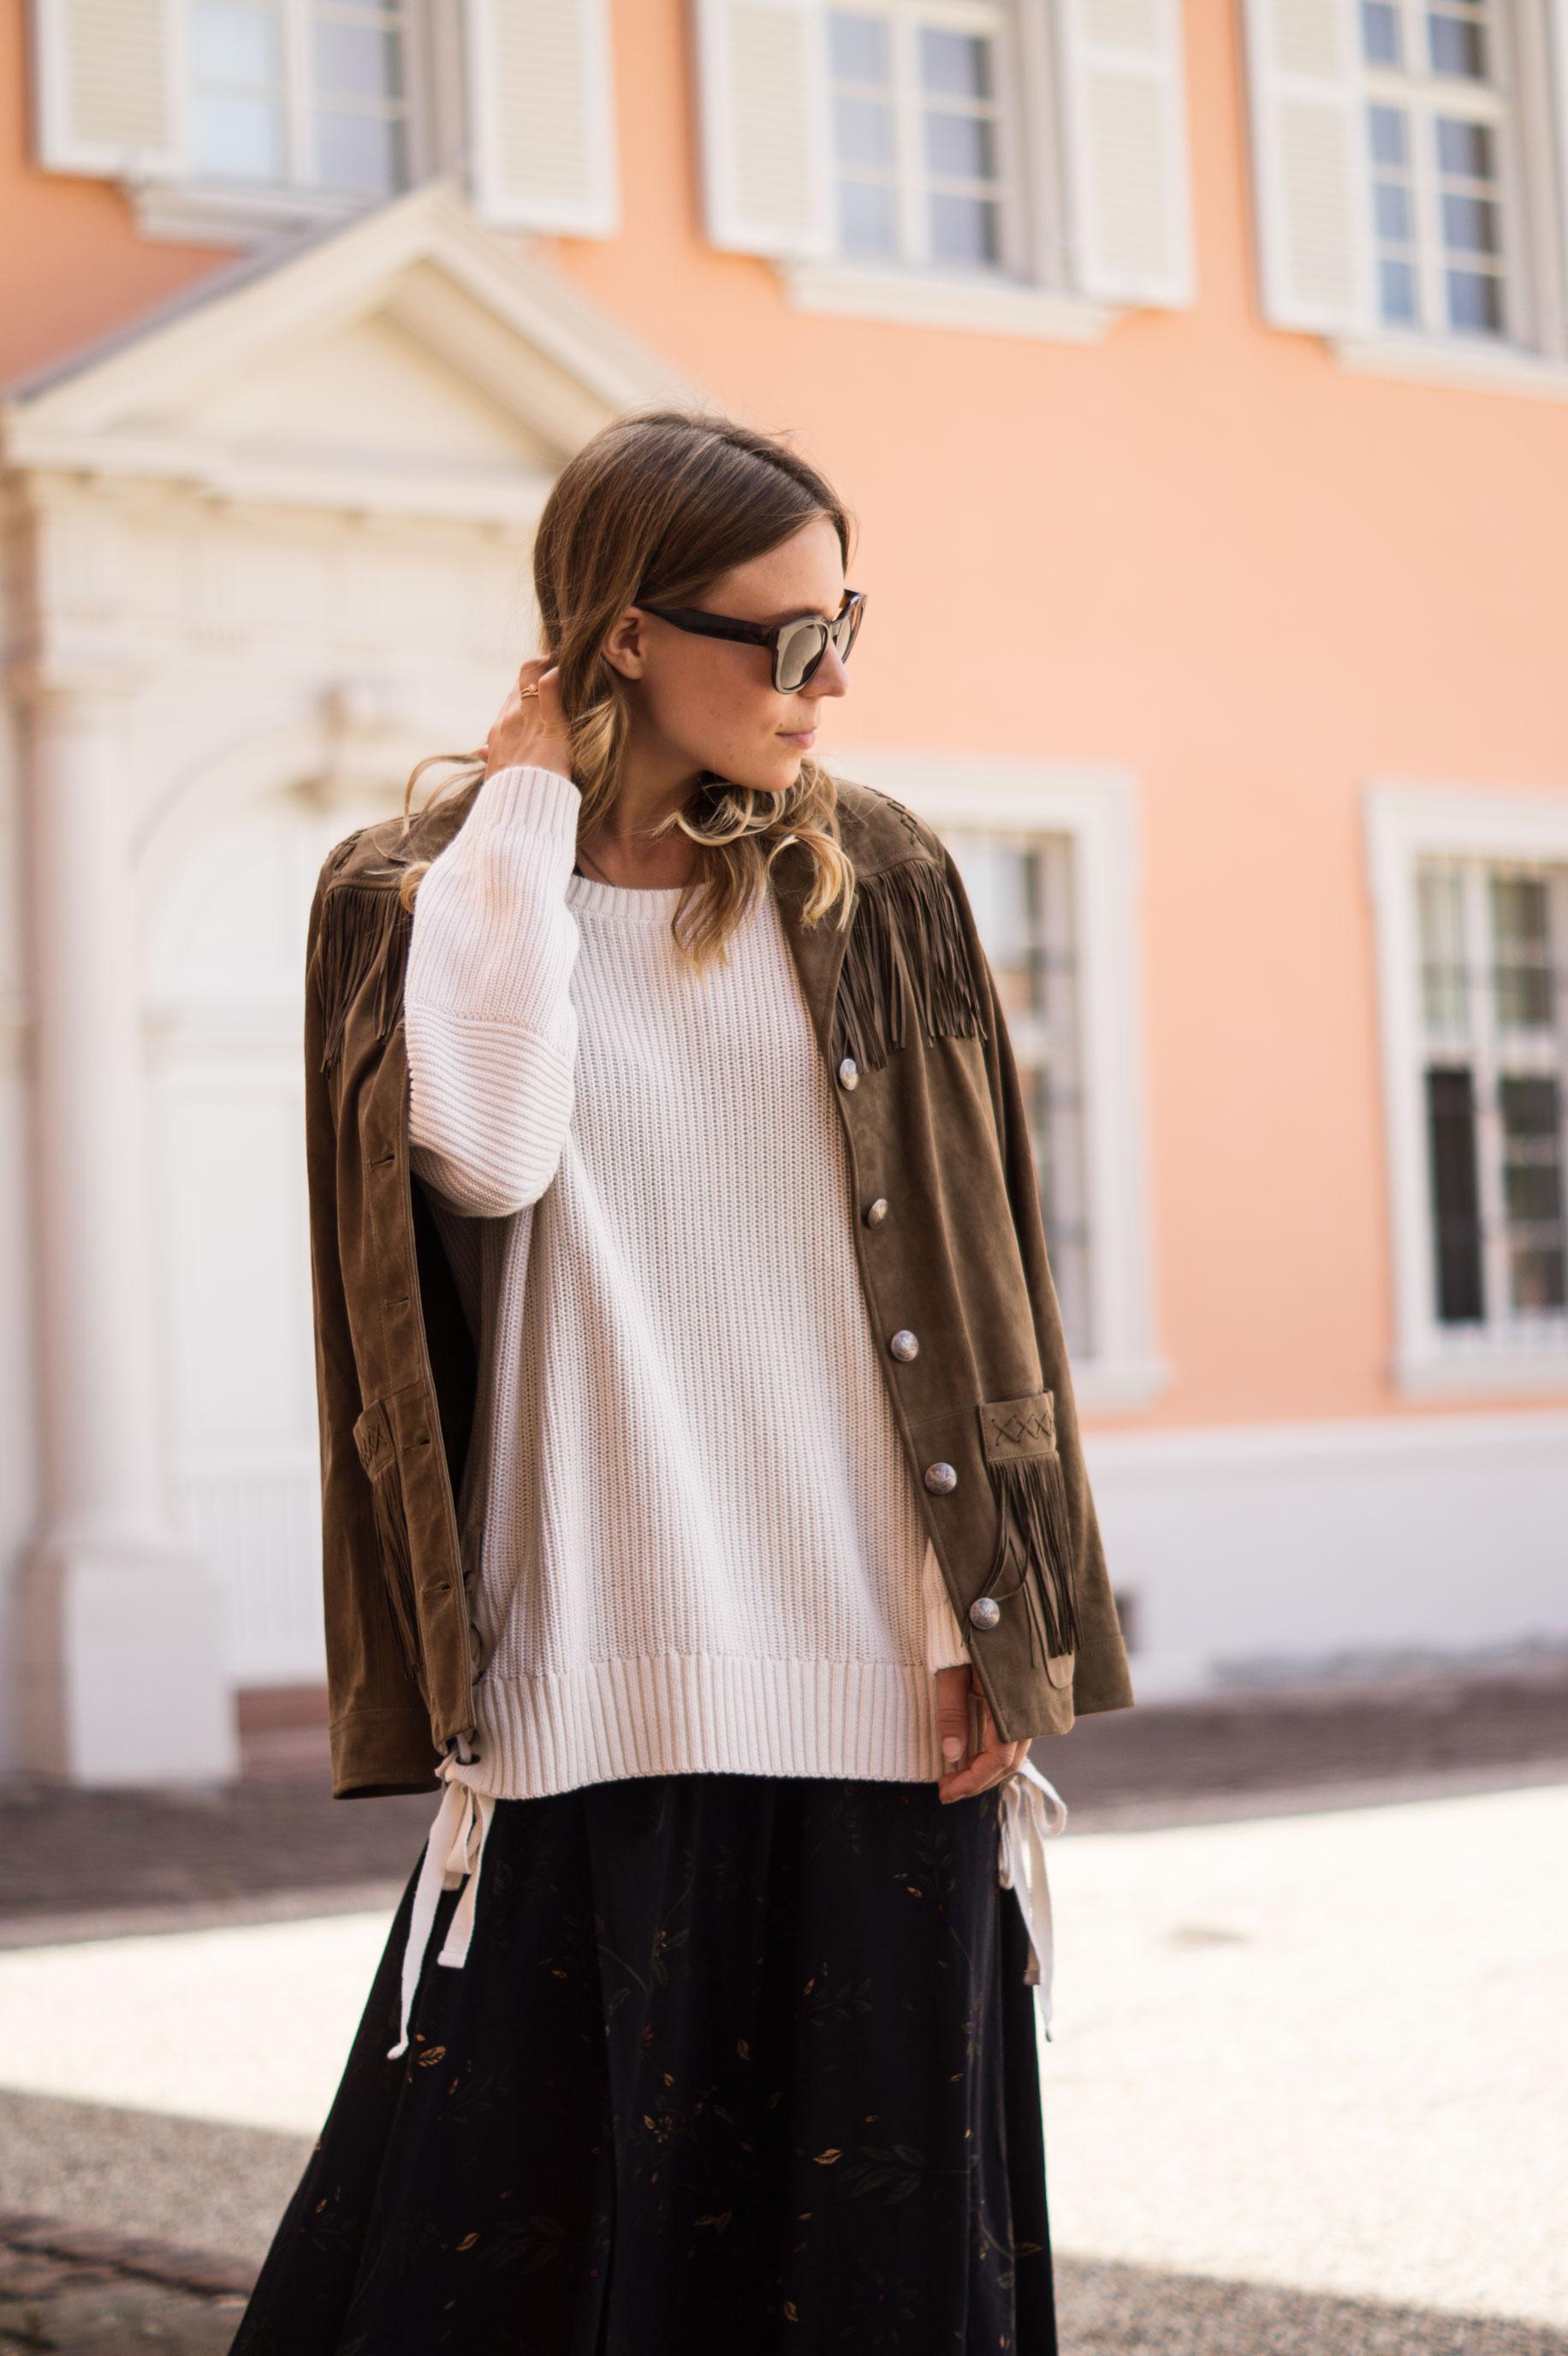 Fall Layers Herbstlook Fransenjacke Wildlederjacke Lace Up Heels Sariety Sarah Schaefer Modeblog Heidelberg_15